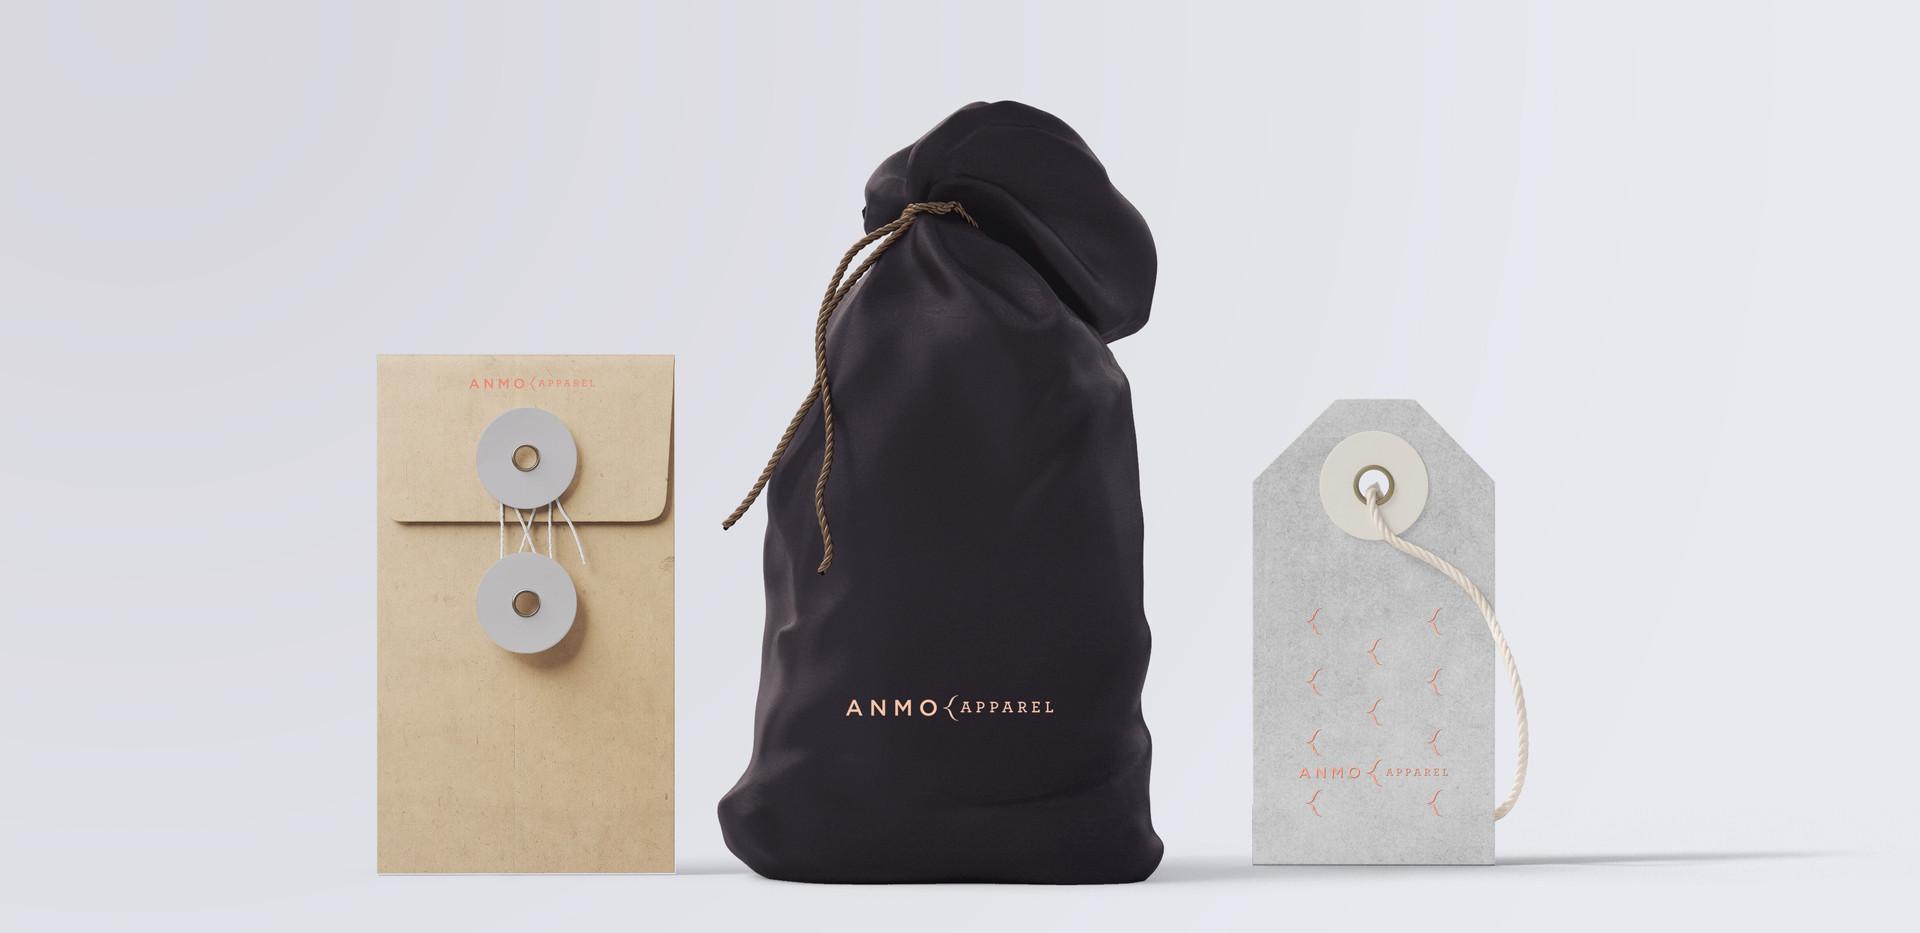 Amno | Pochette de tissus et étiquettes